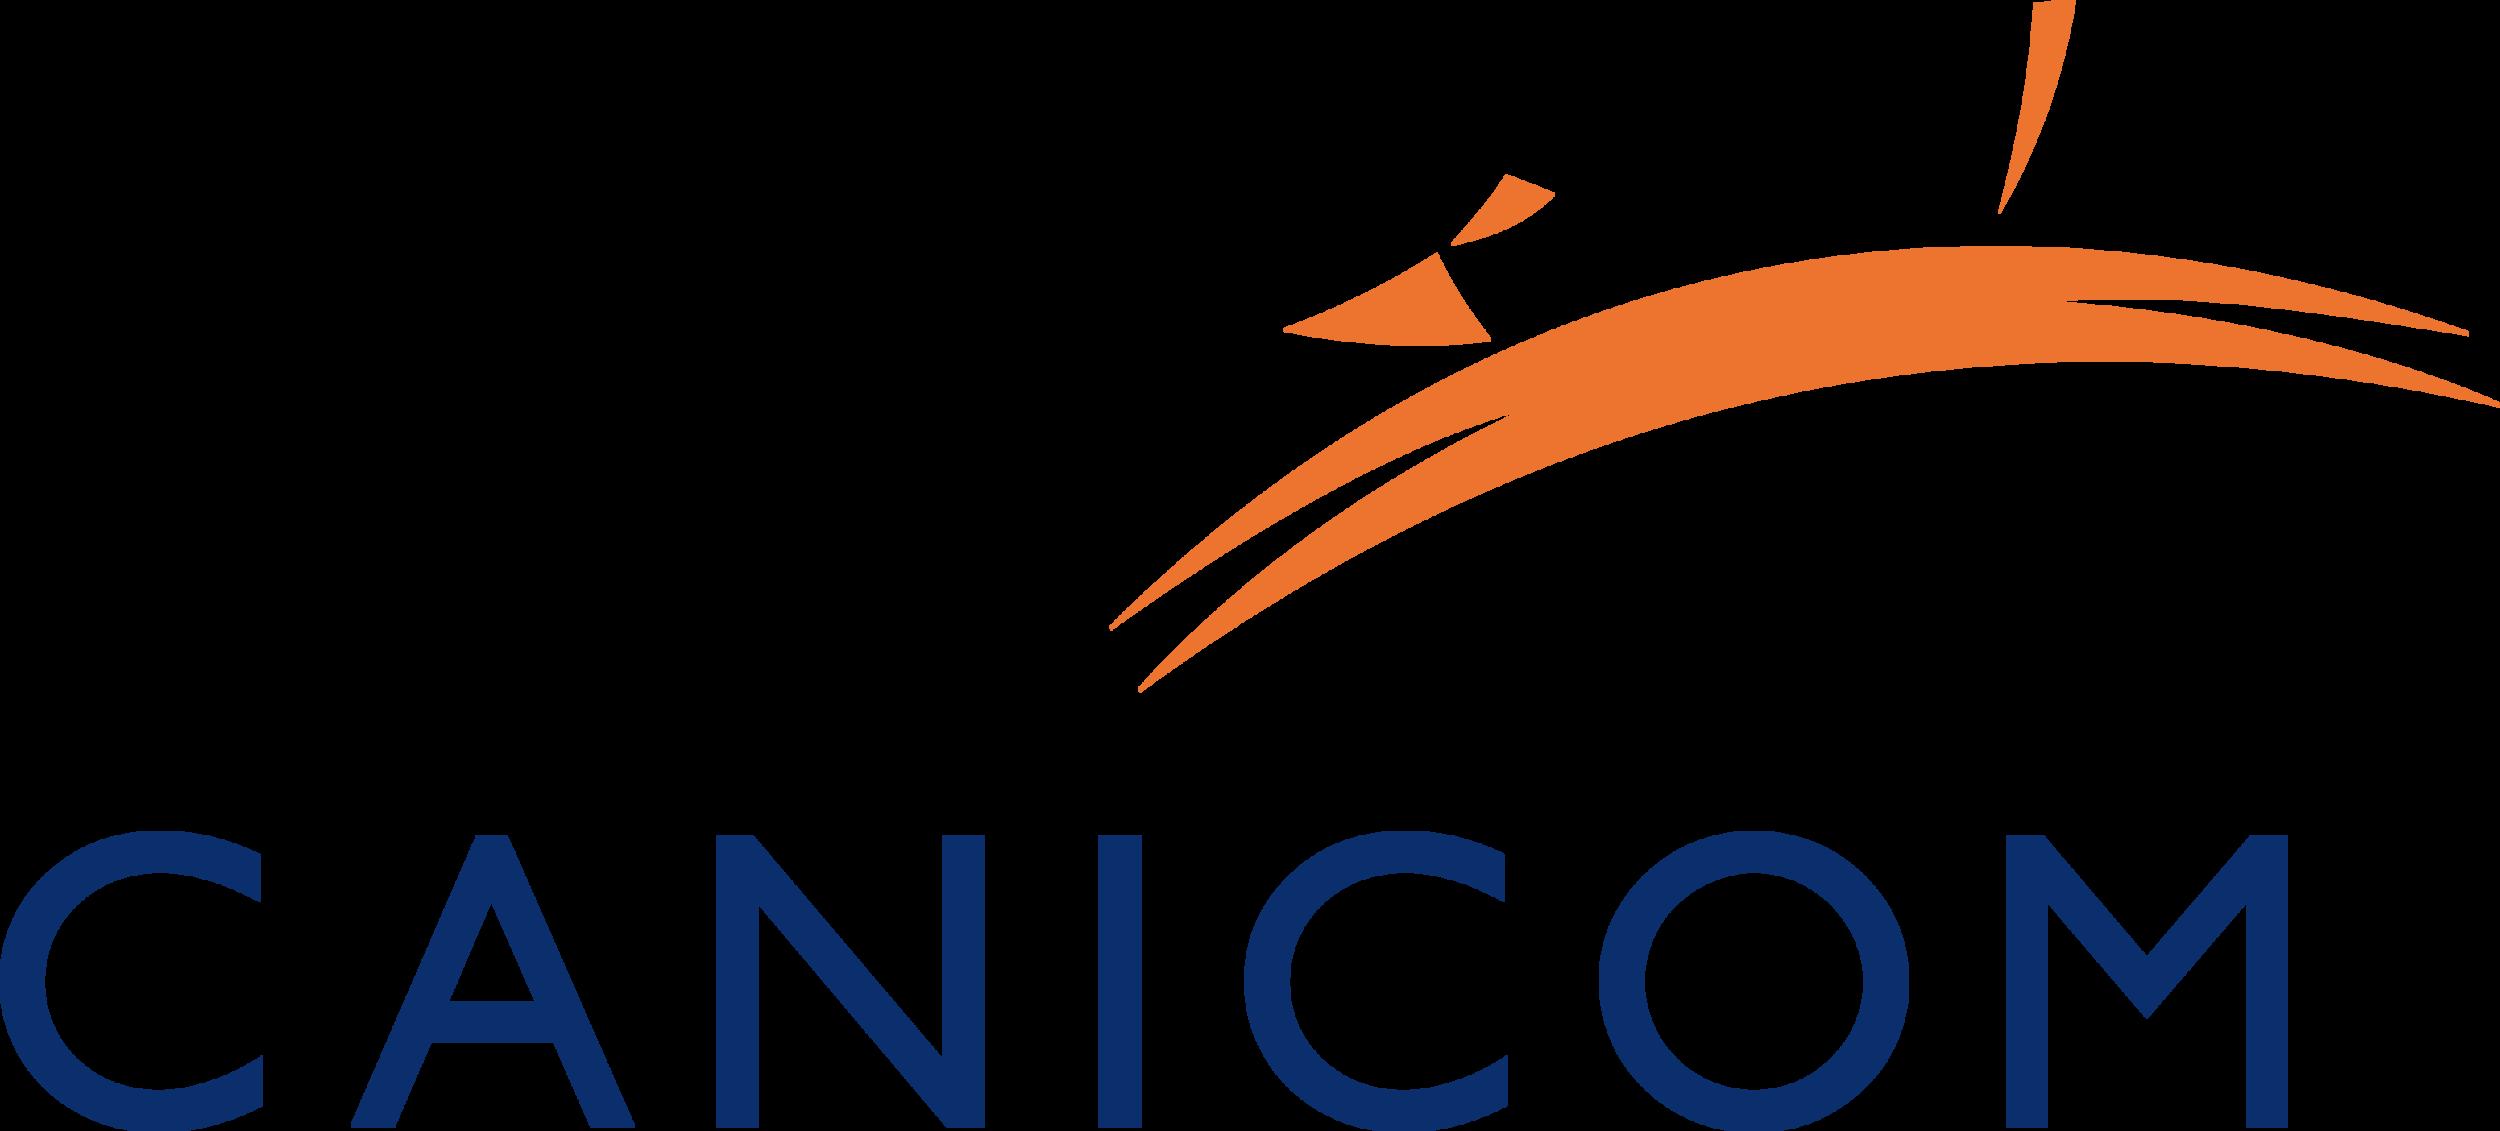 MLCANICOM.png